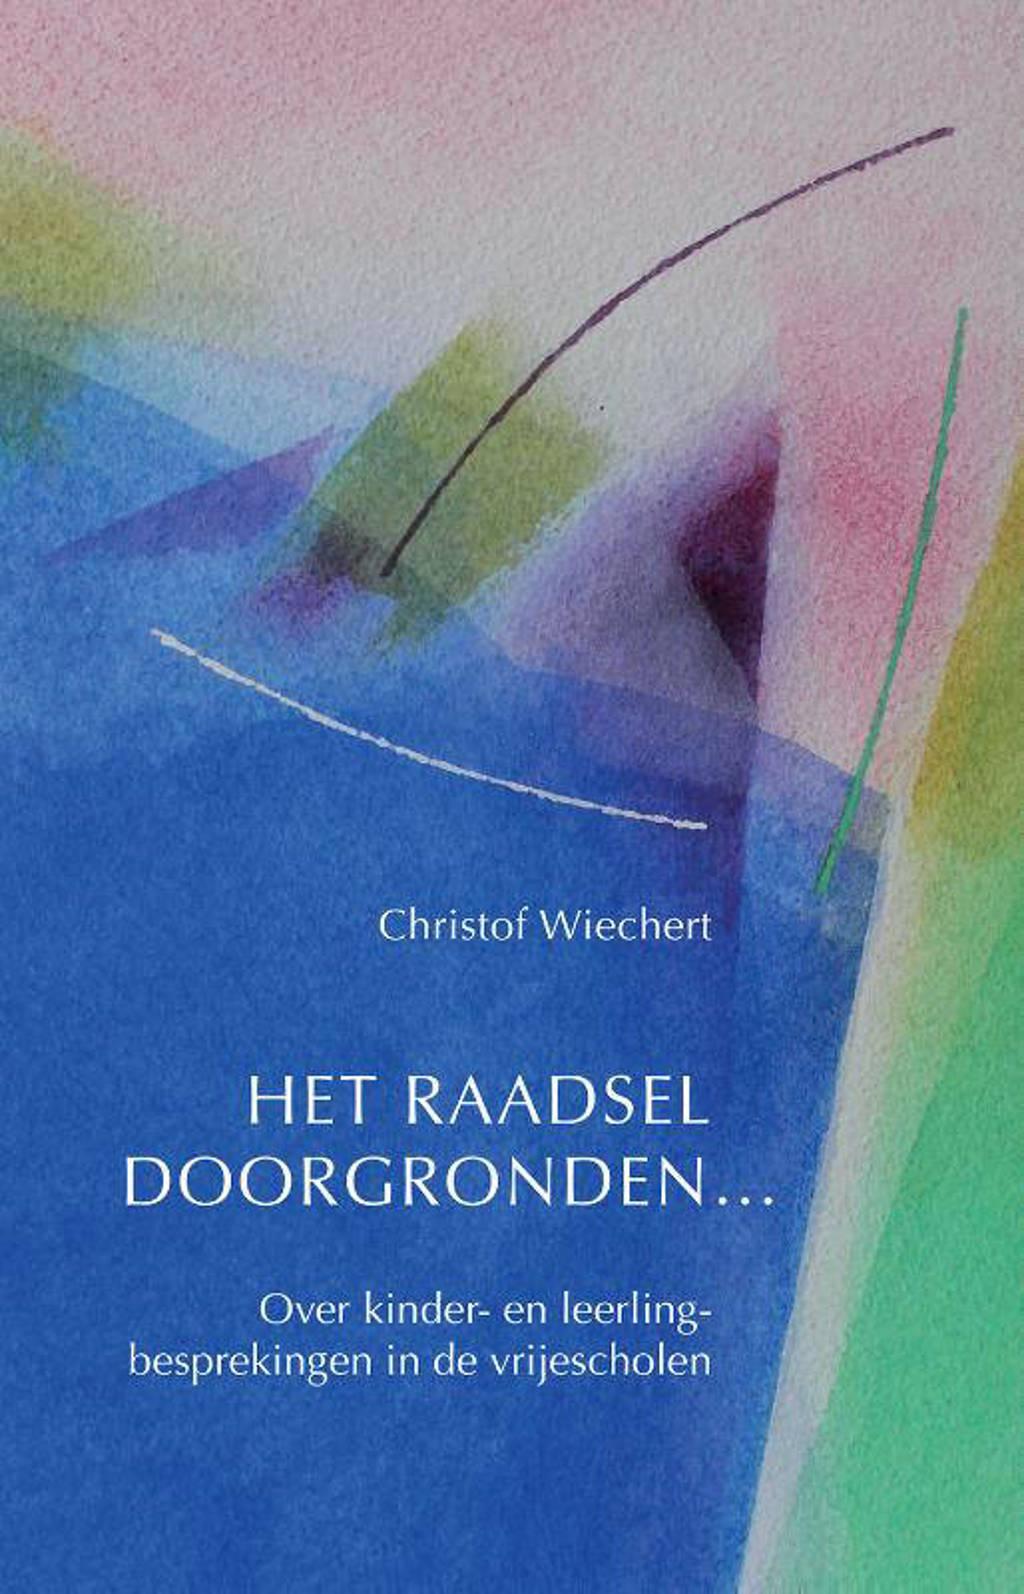 Het raadsel doorgronden... - Christof Wiechert